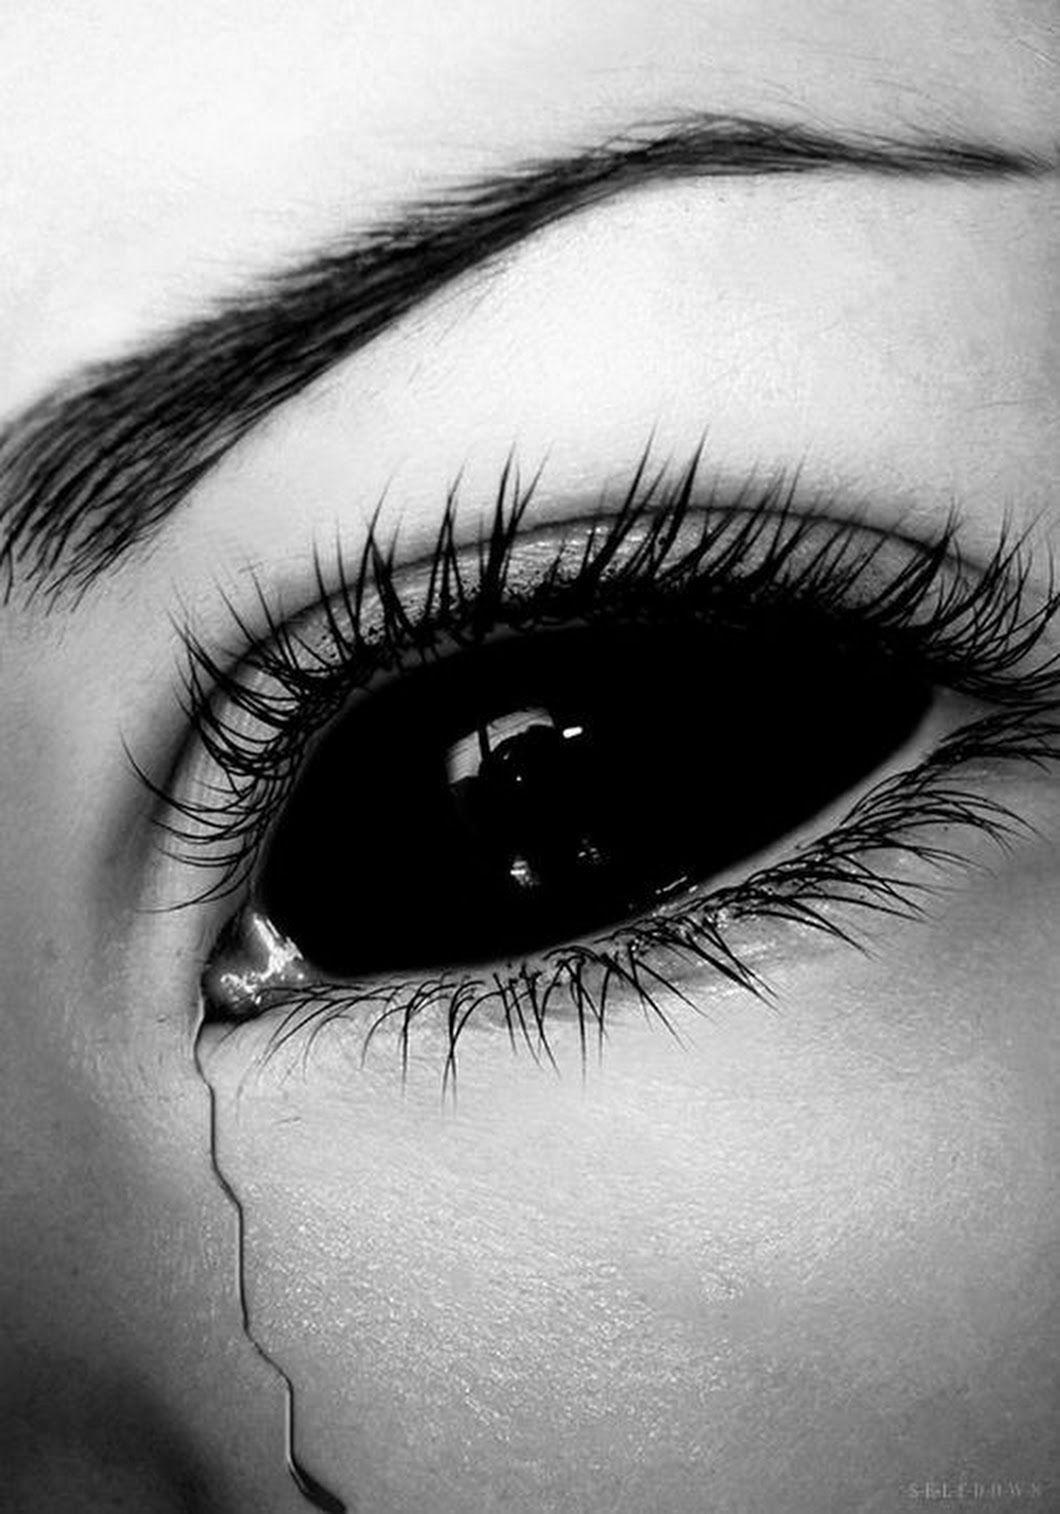 матросов красноармеец, красивые картинки с глазами и слезами волге